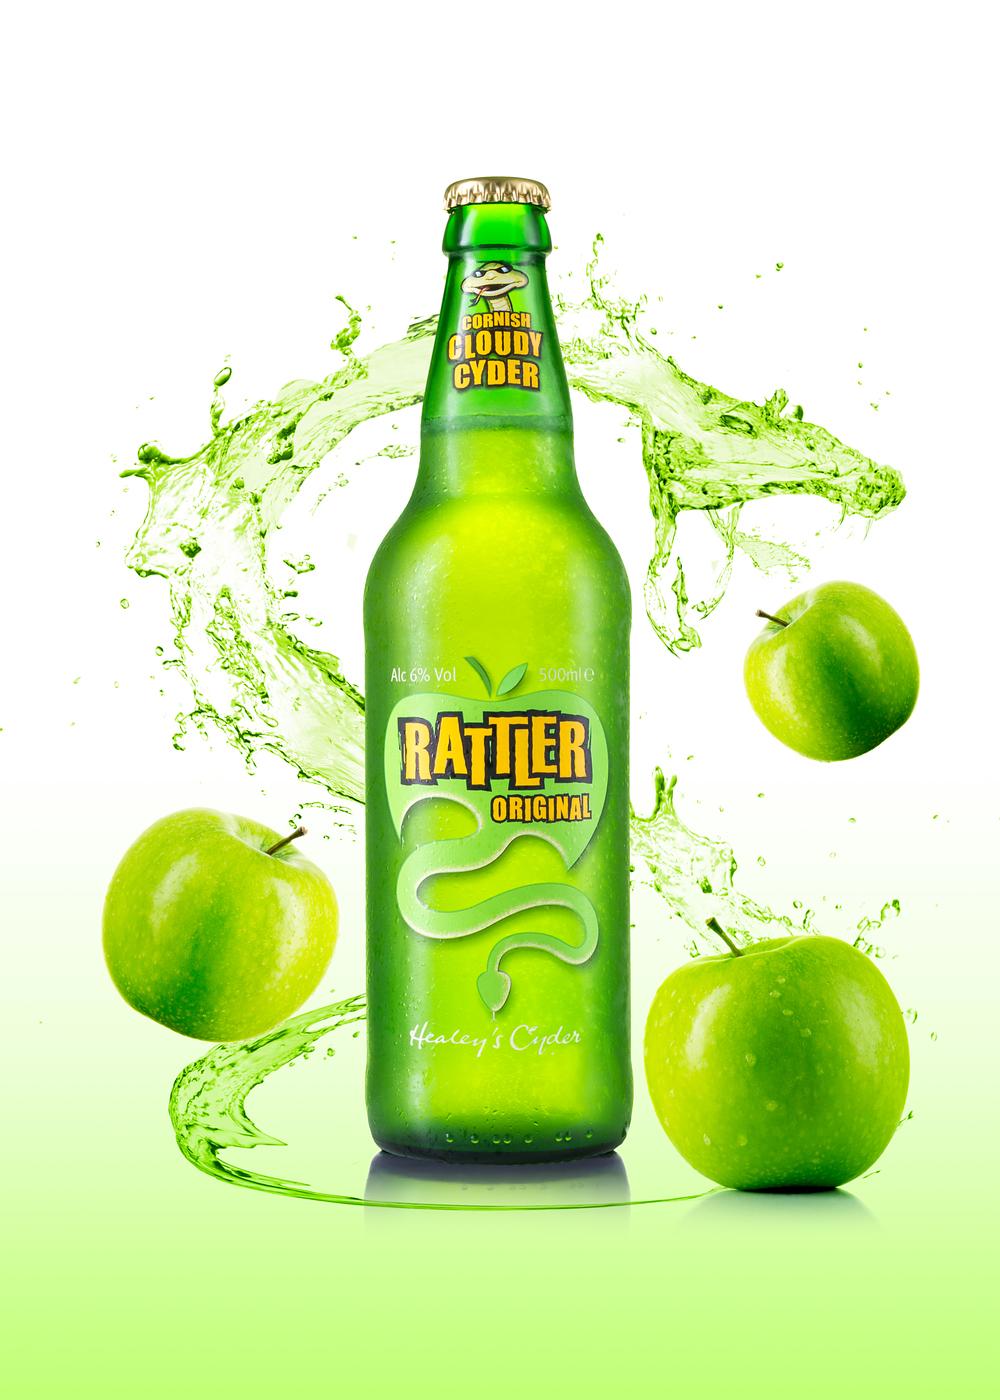 Rattler Cider